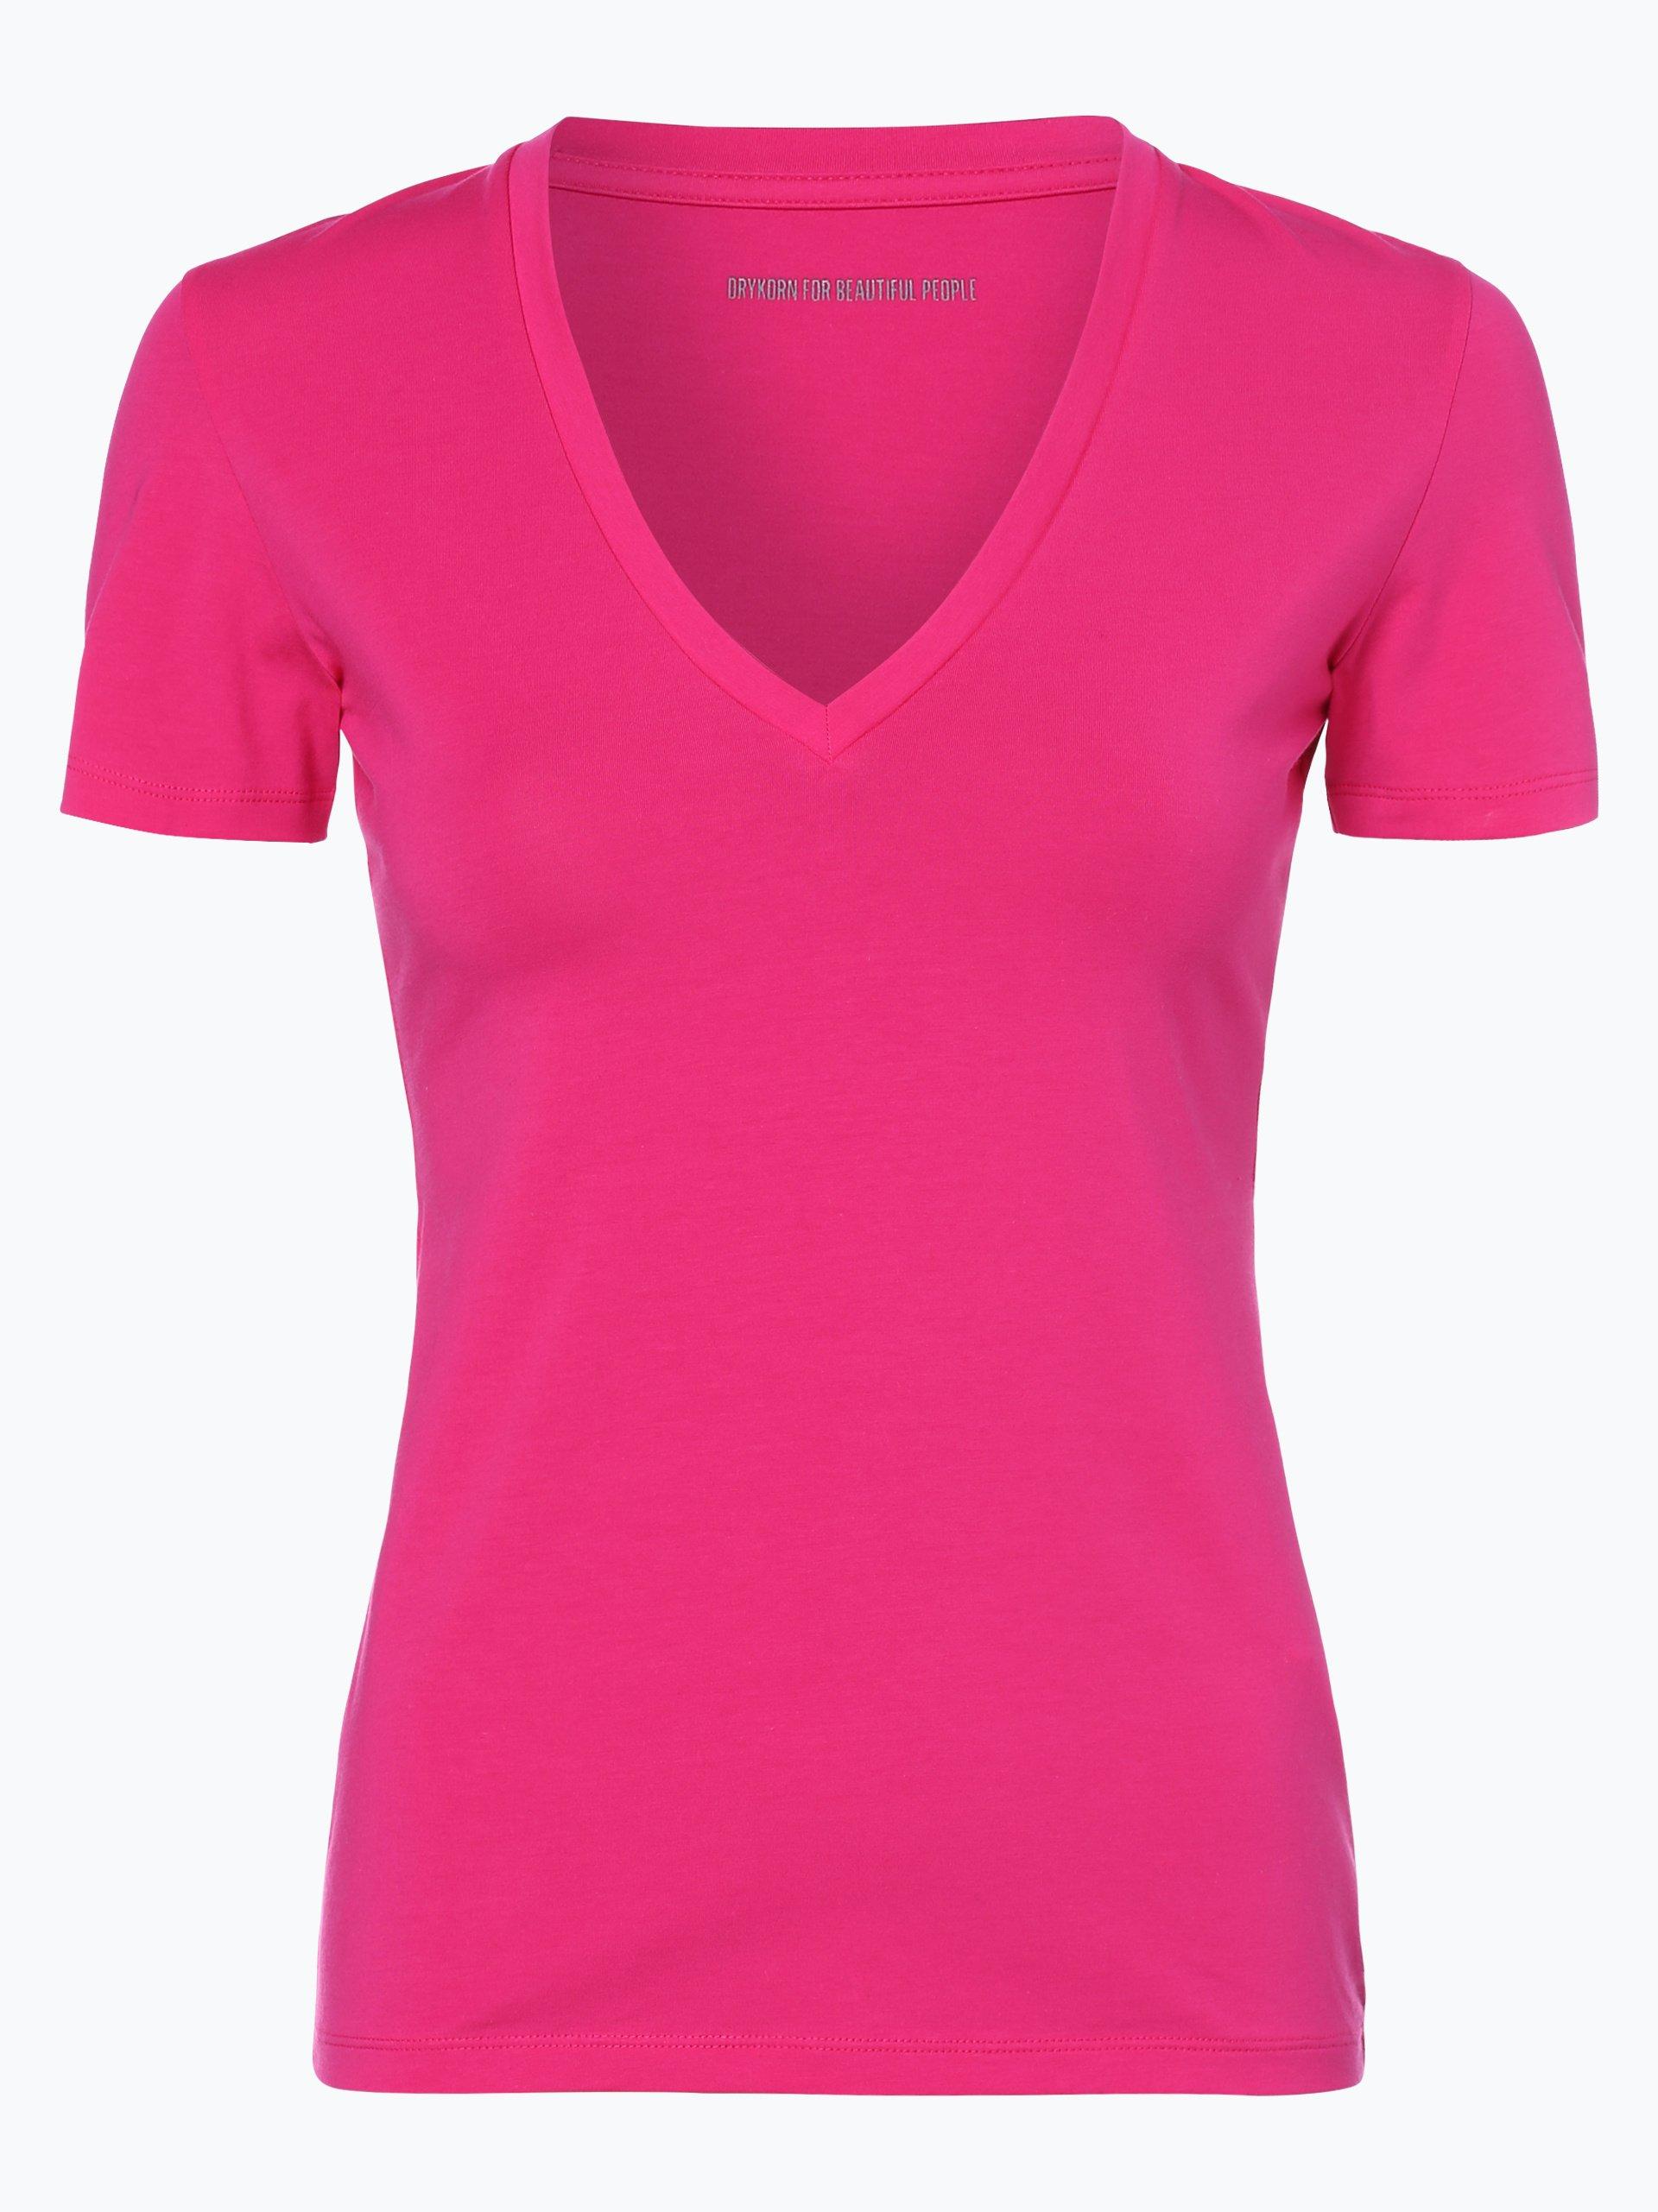 Drykorn Damen T Shirt Linara Online Kaufen Vangraaf Com